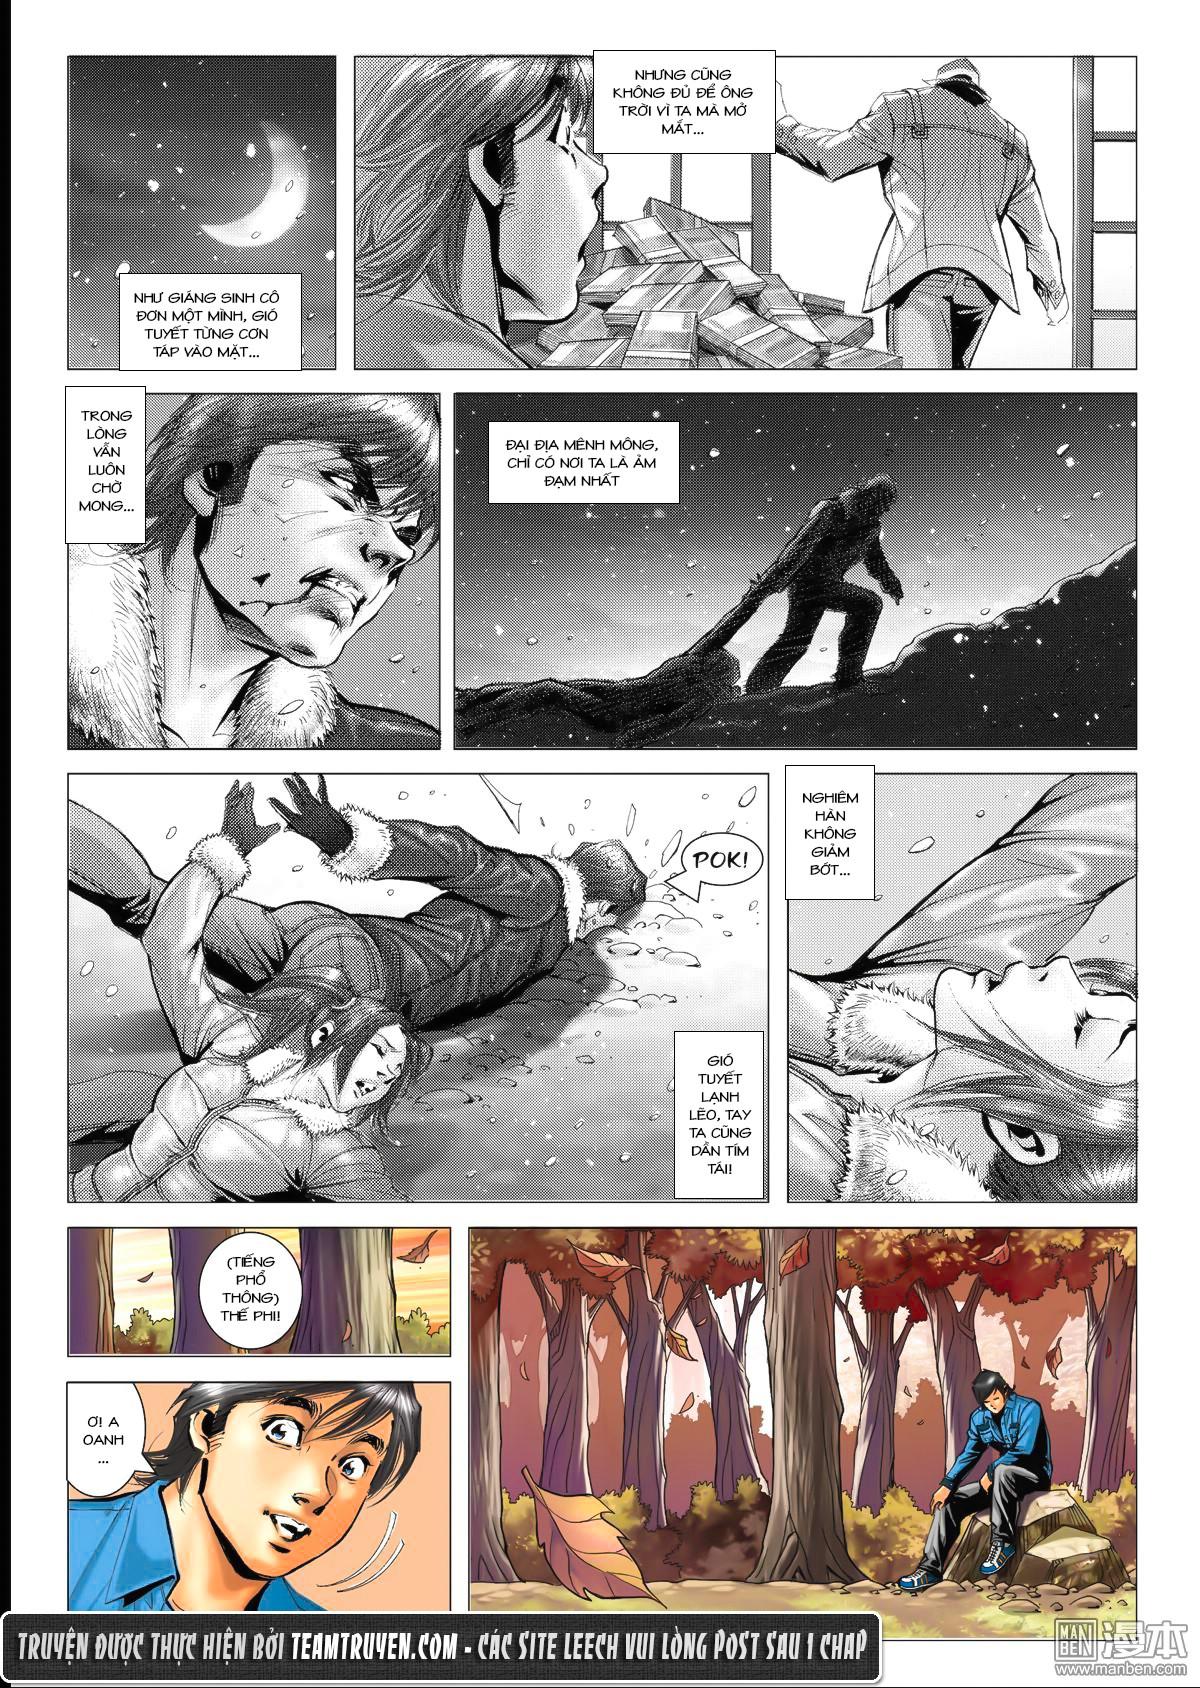 Người Trong Giang Hồ NetTruyen chap 1564 - Trang 24